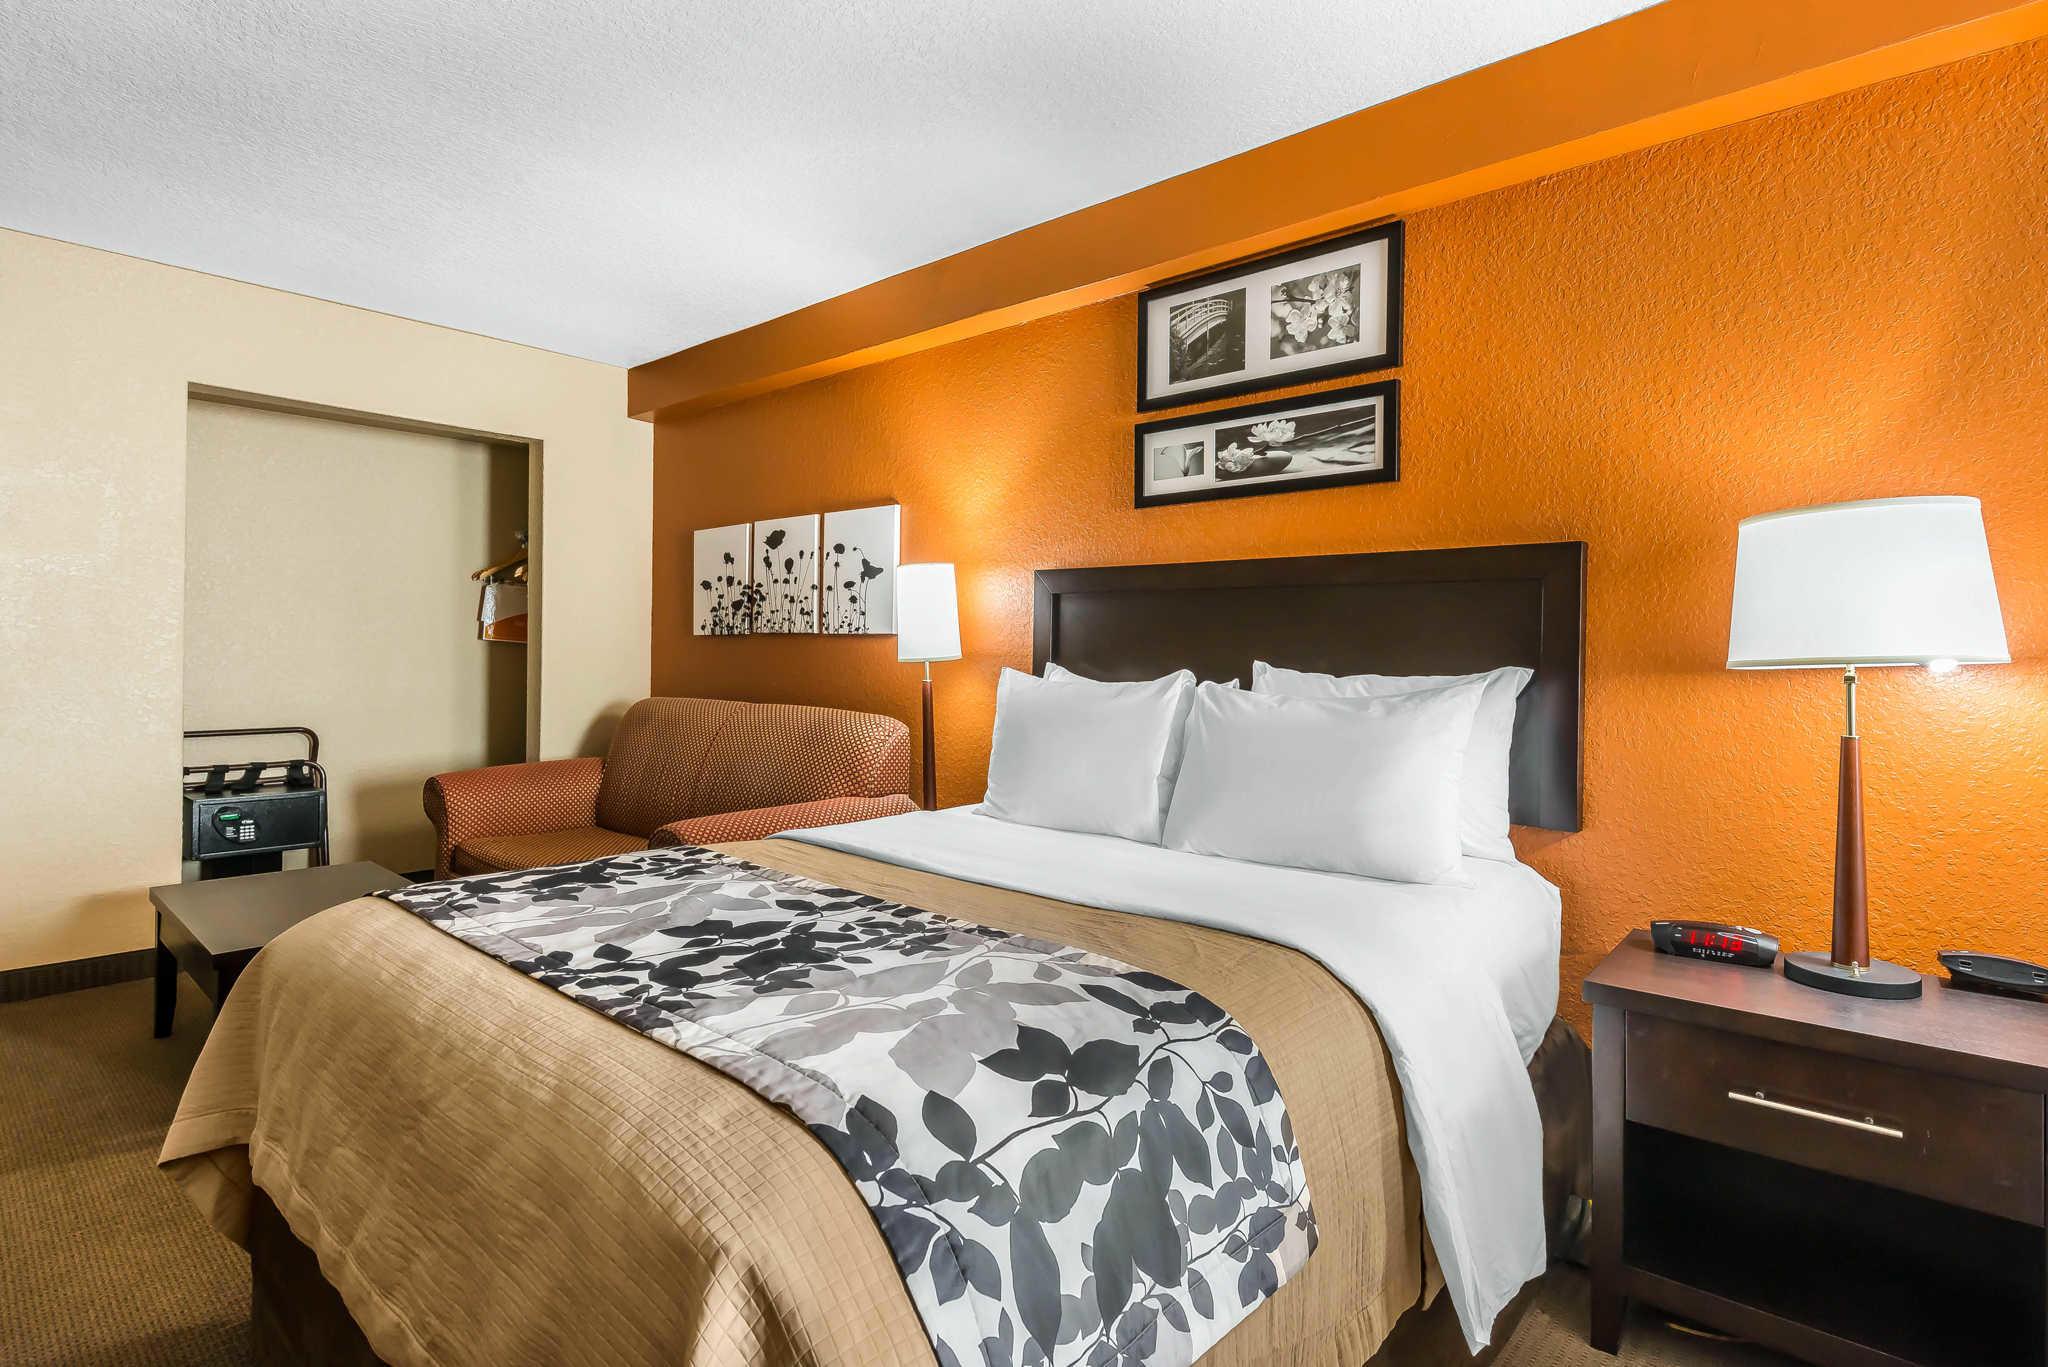 Sleep Inn & Suites Ocala - Belleview image 13